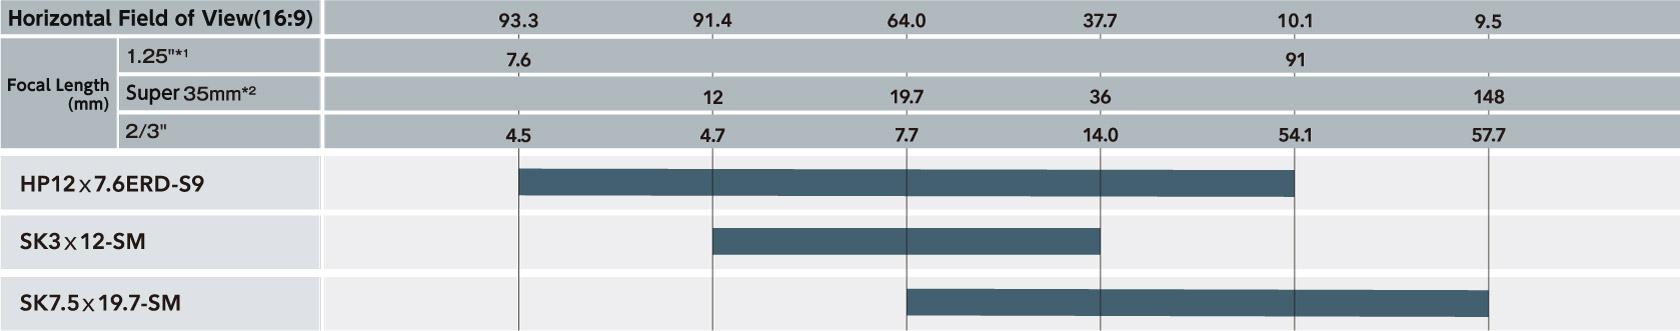 [изображение] Диаграмма сравнения горизонтального поля зрения (16:9) и фокусной длины (мм) по номеру модели